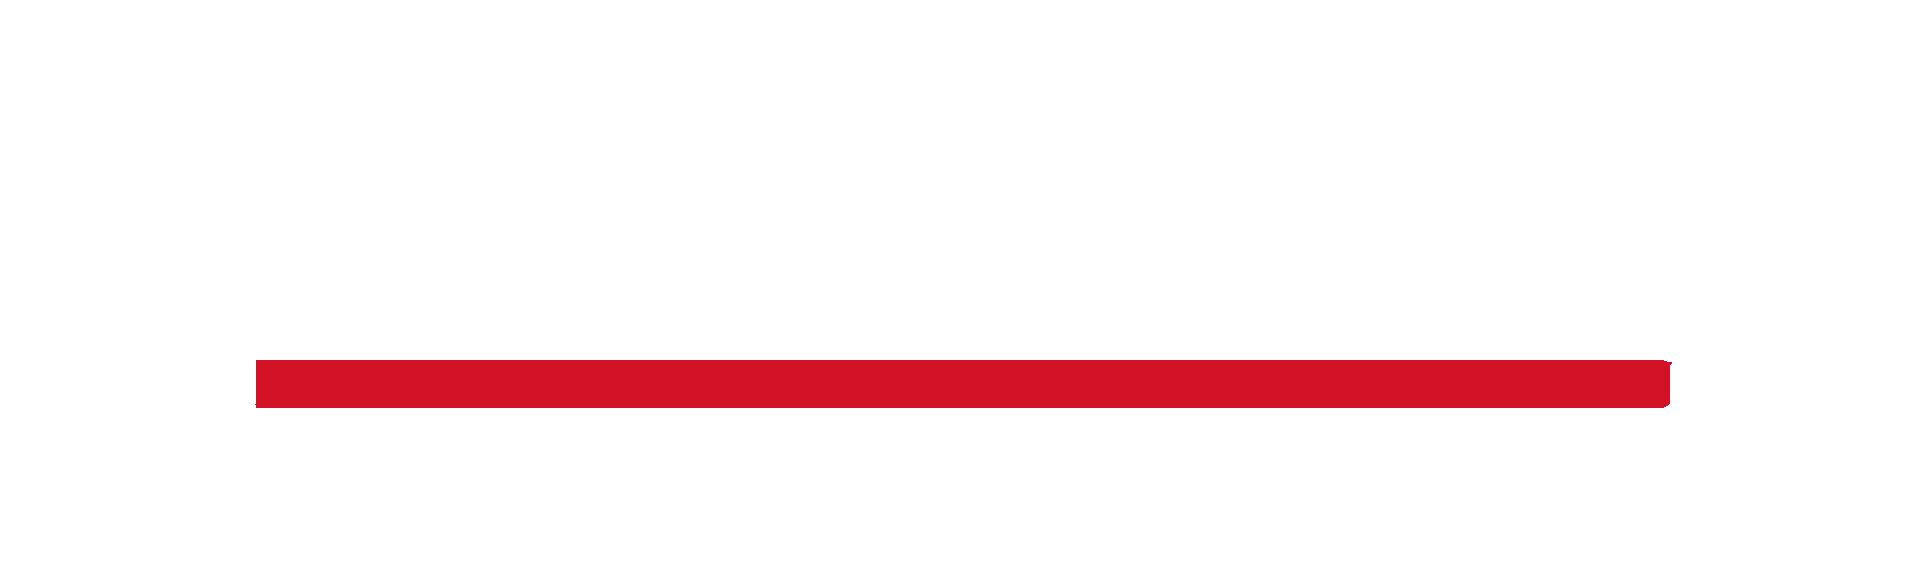 中国·井冈山市红色文化培训中心之底部背景图